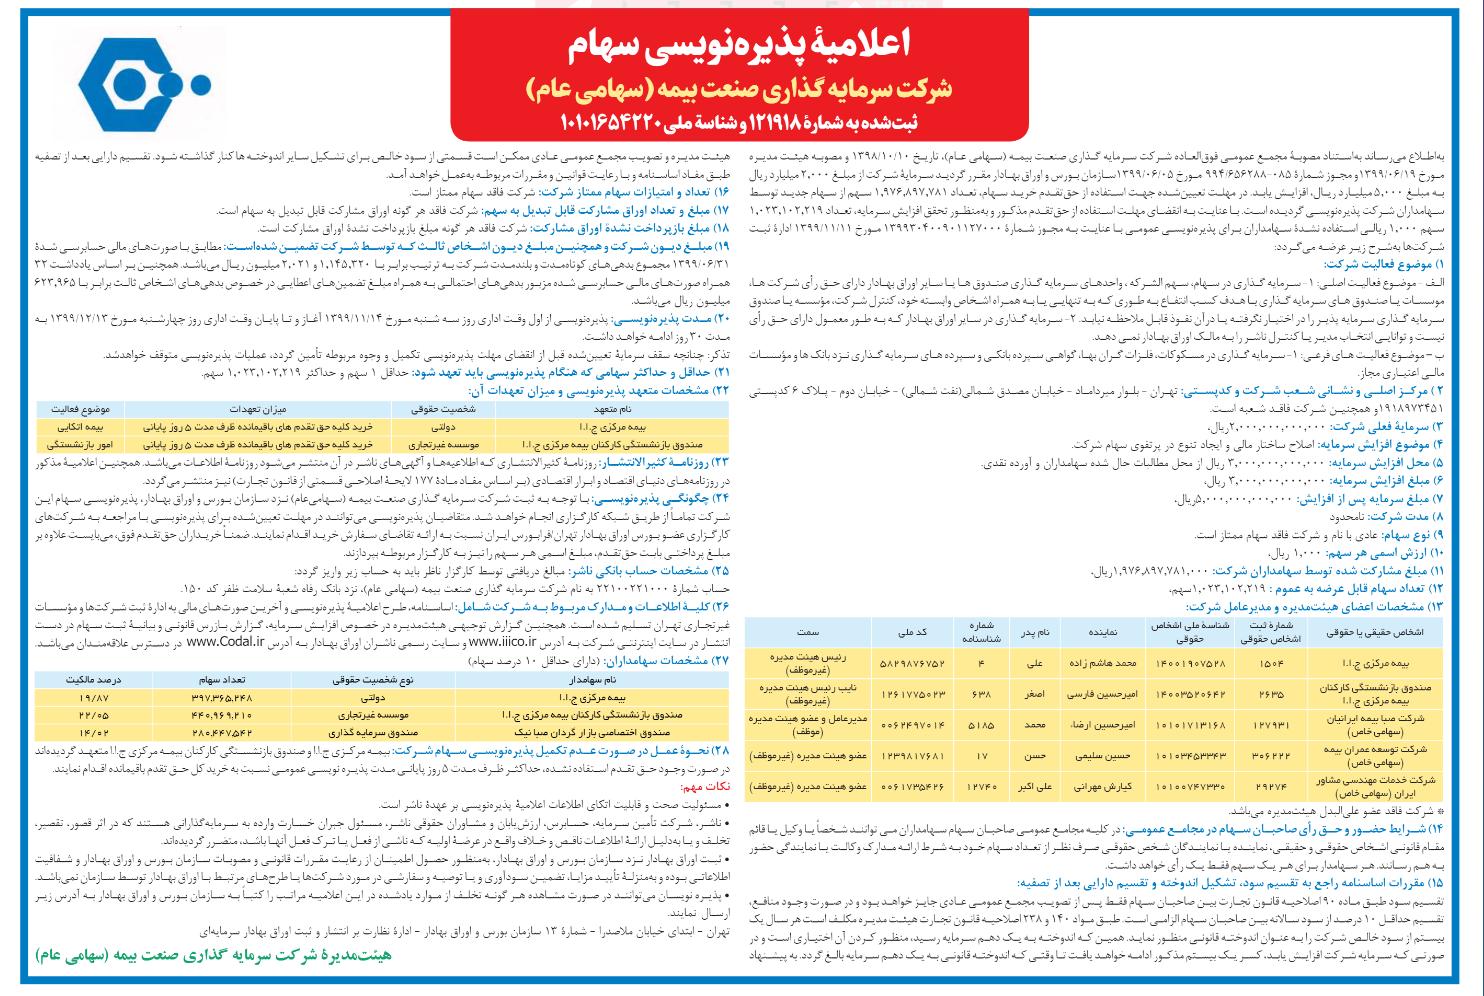 اعلامیه پذیره نویسی عمومی حق تقدم استفاده نشده